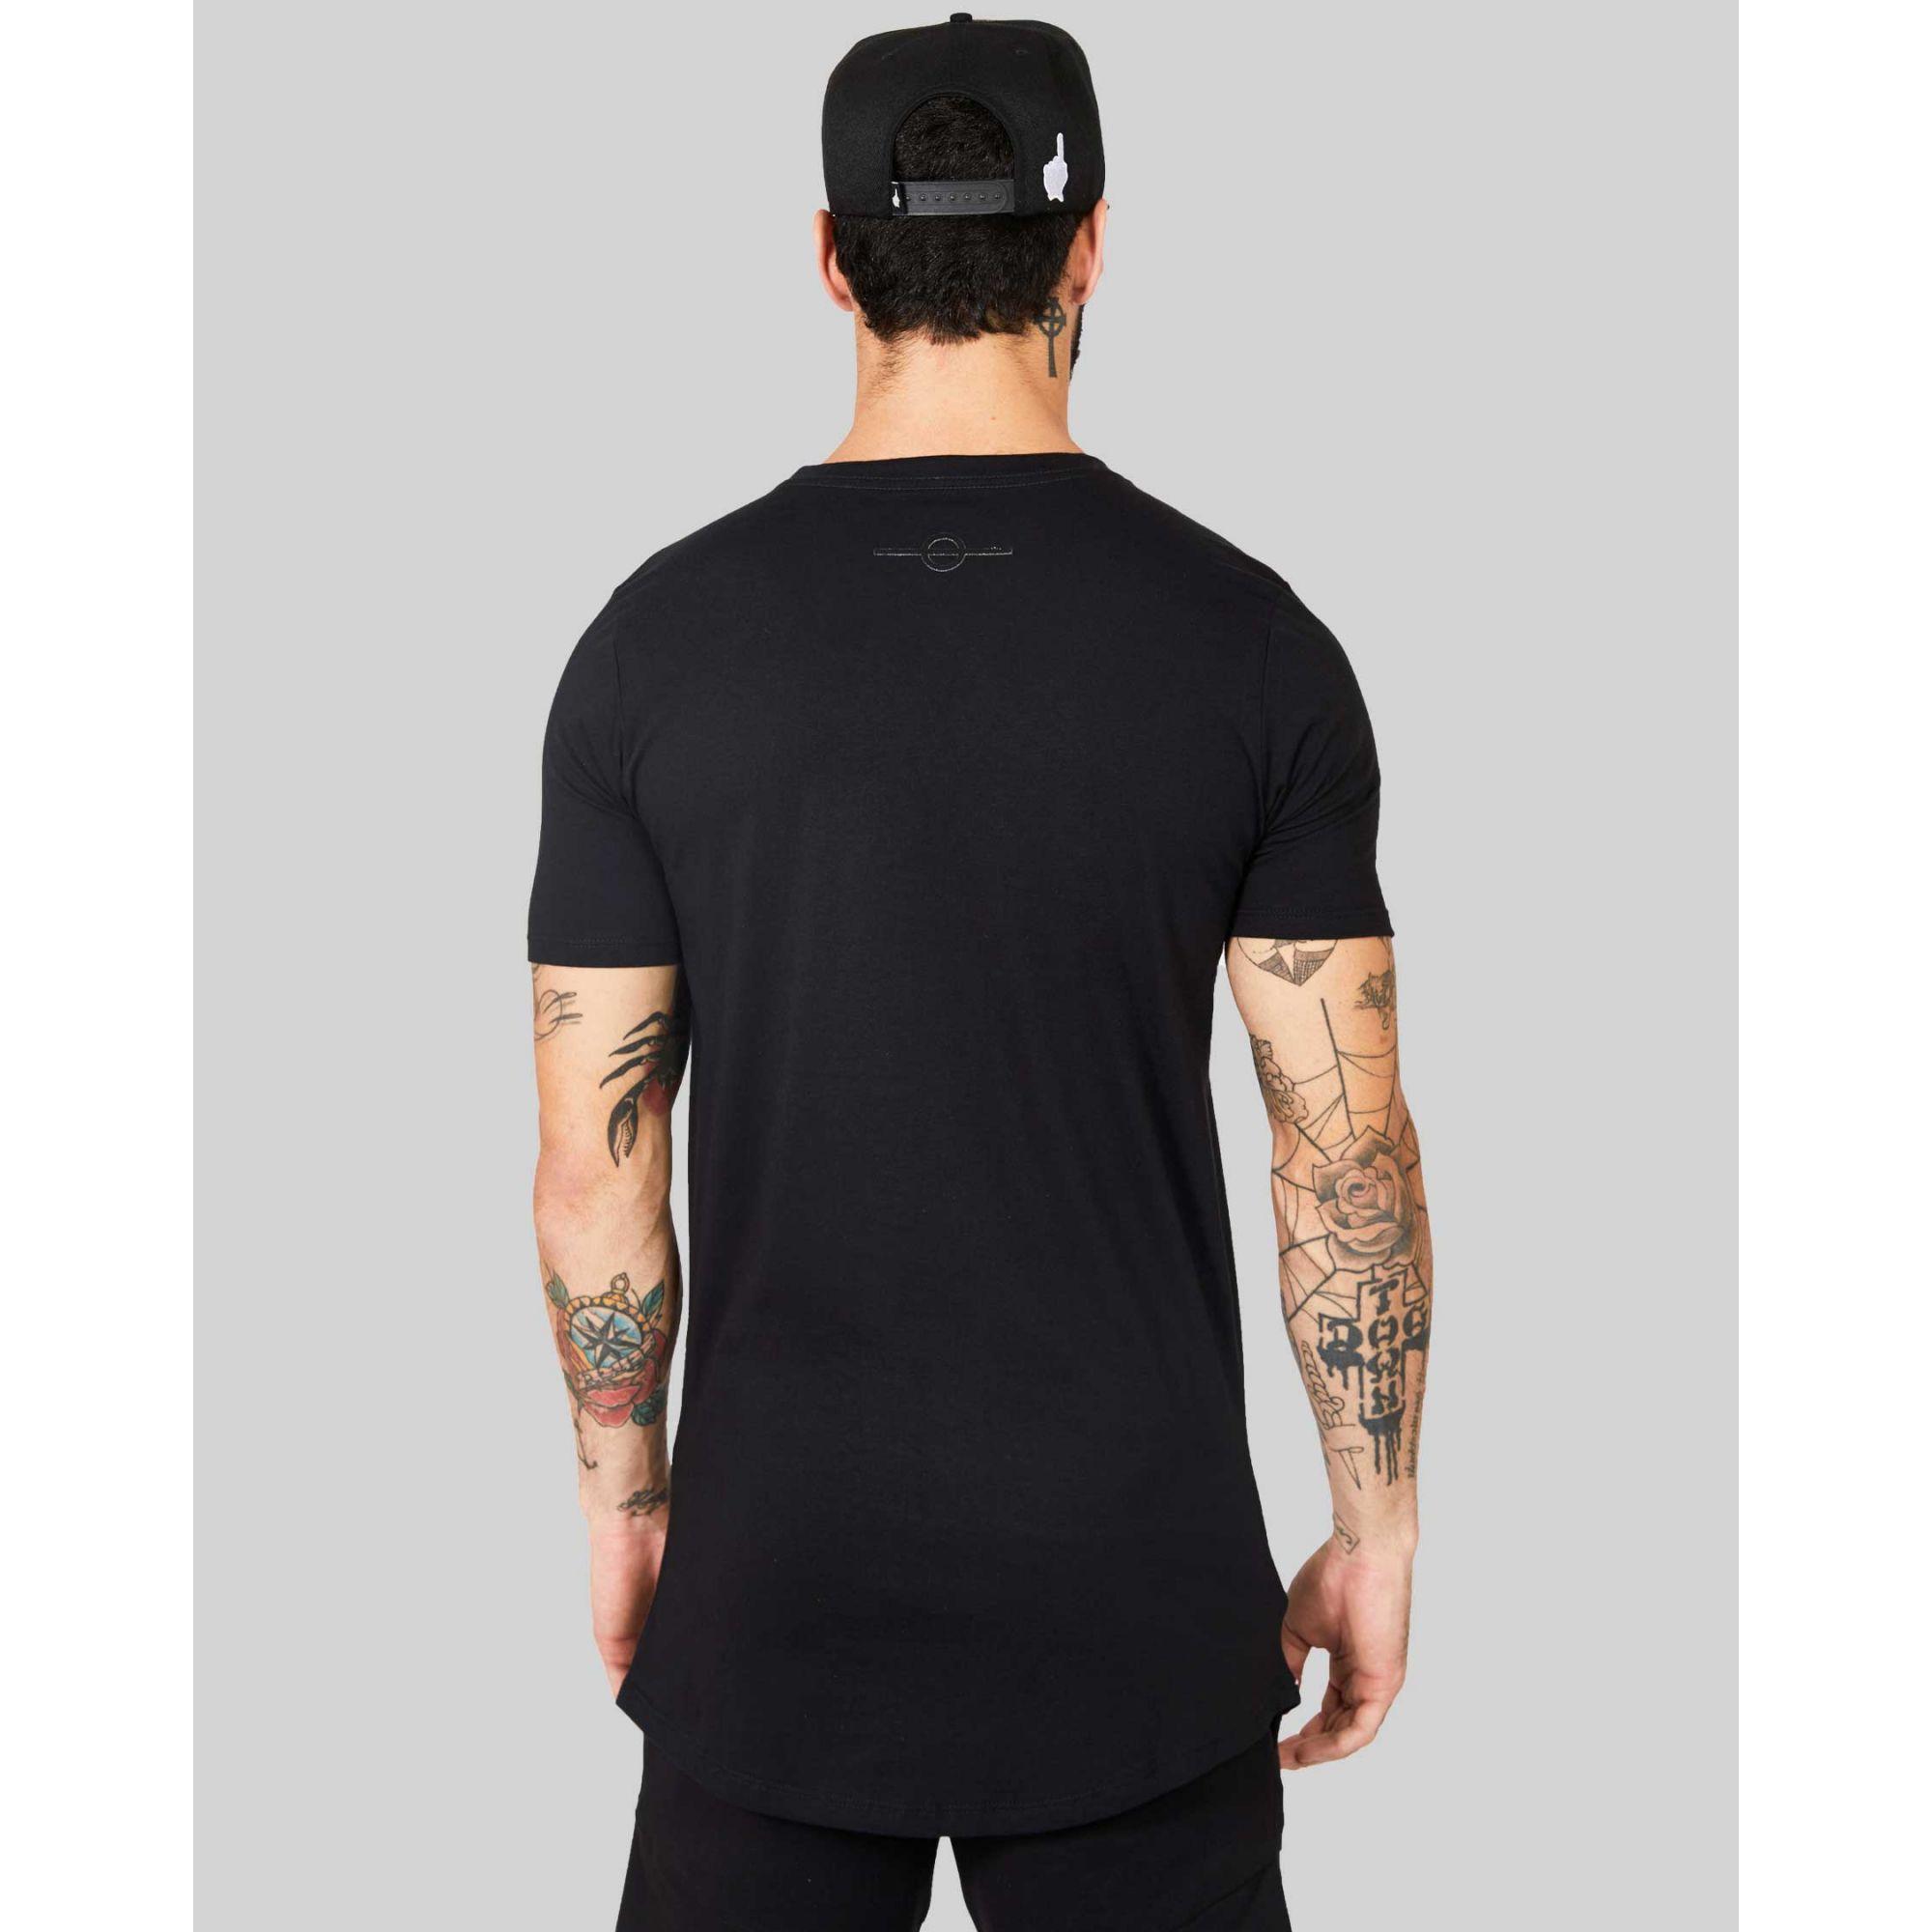 Camiseta Buh Retângulo Black